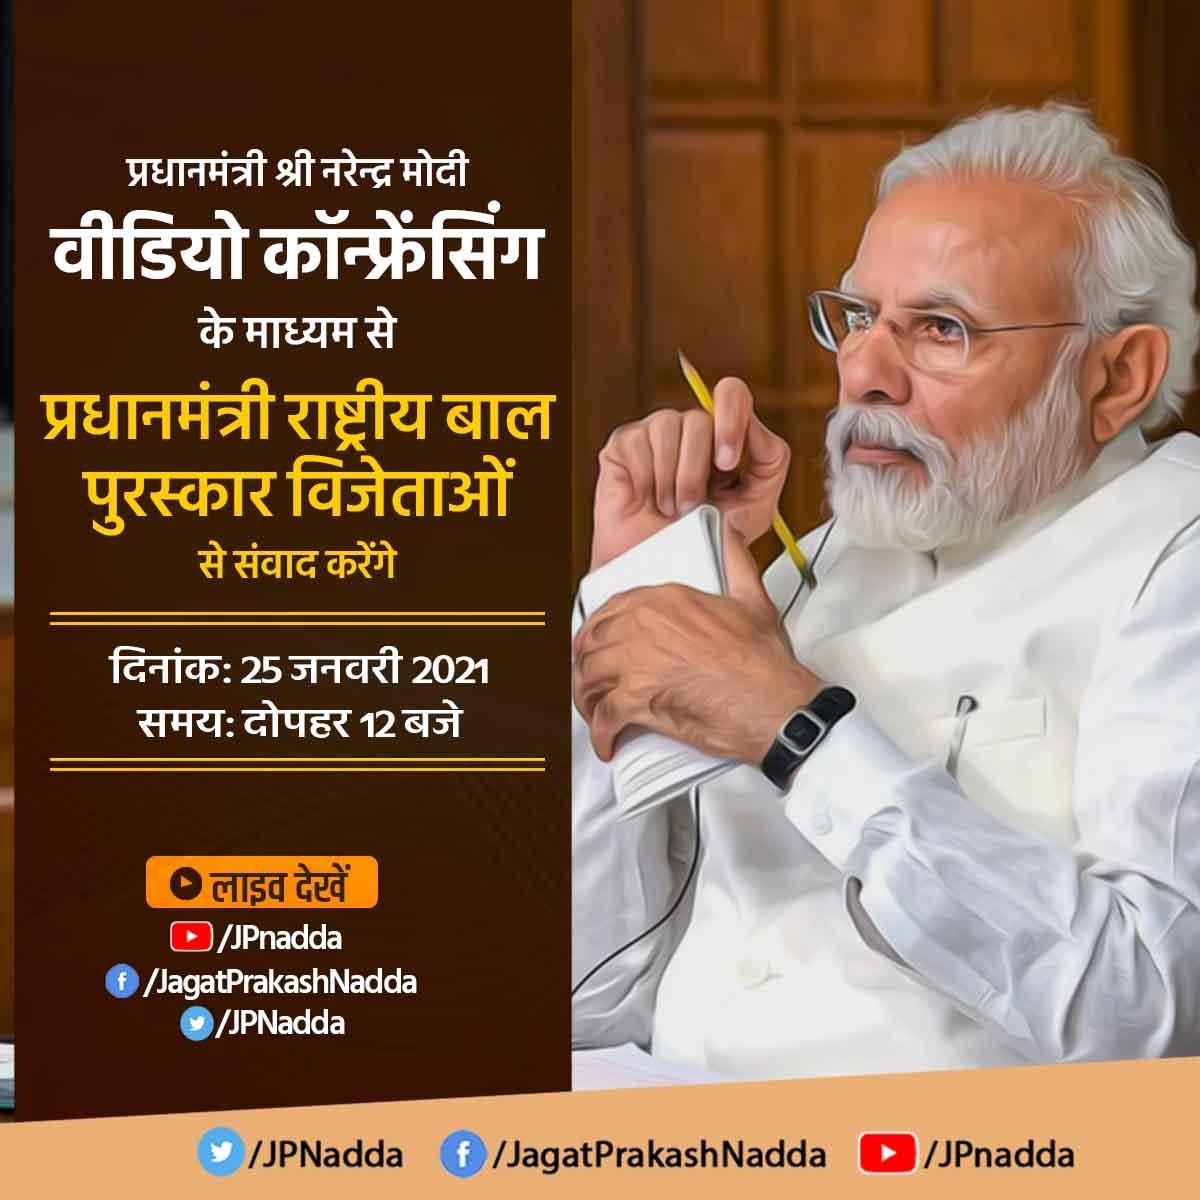 आदरणीय प्रधानमंत्री श्री @narendramodi जी कल दोपहर 12 बजे वीडियो कॉन्फ्रेंसिंग के माध्यम से प्रधानमंत्री राष्ट्रीय बाल पुरस्कार विजेताओं से संवाद करेंगे।